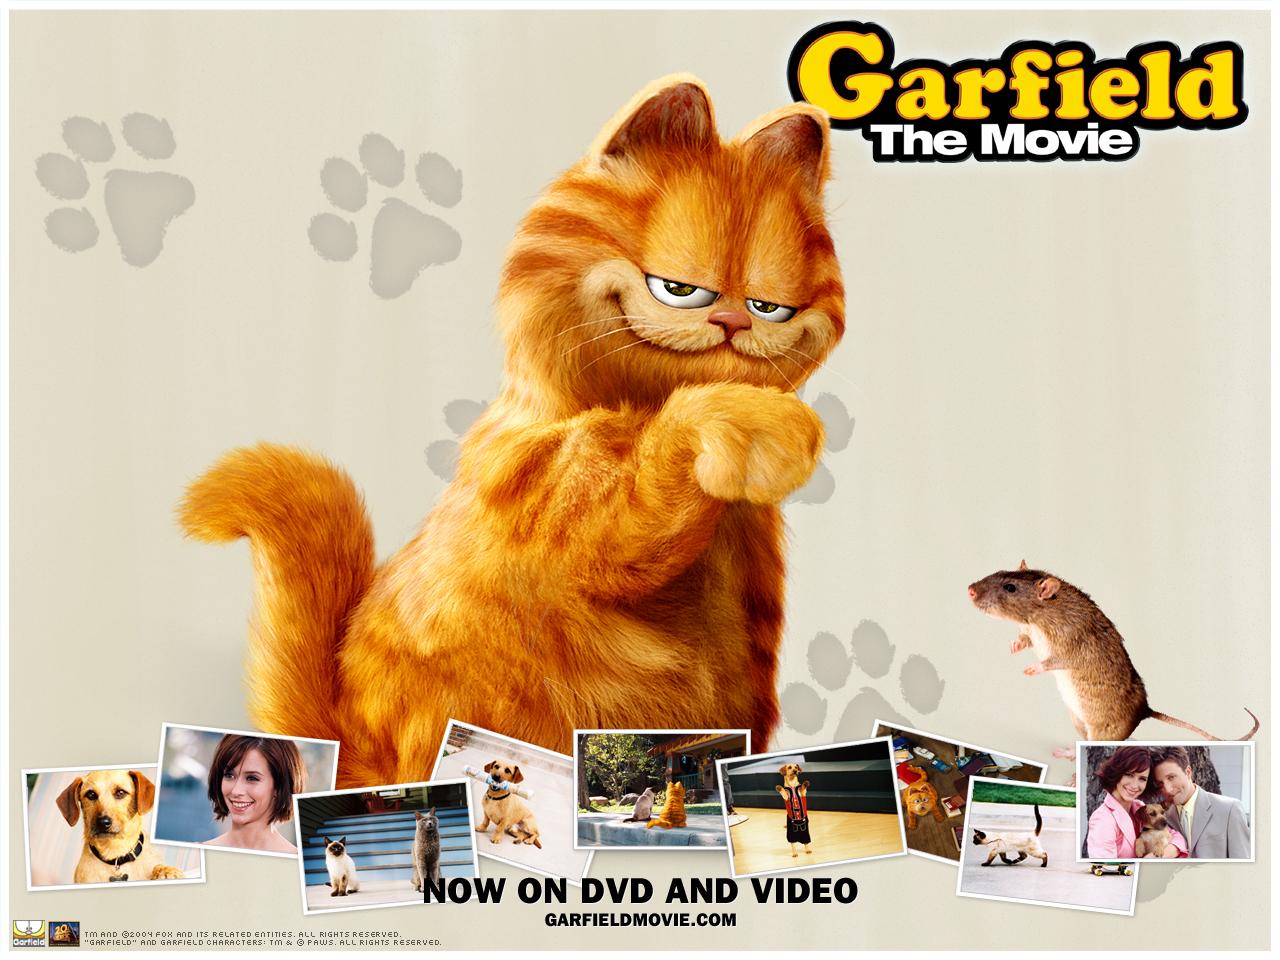 Garfield Tale of Two Kitties